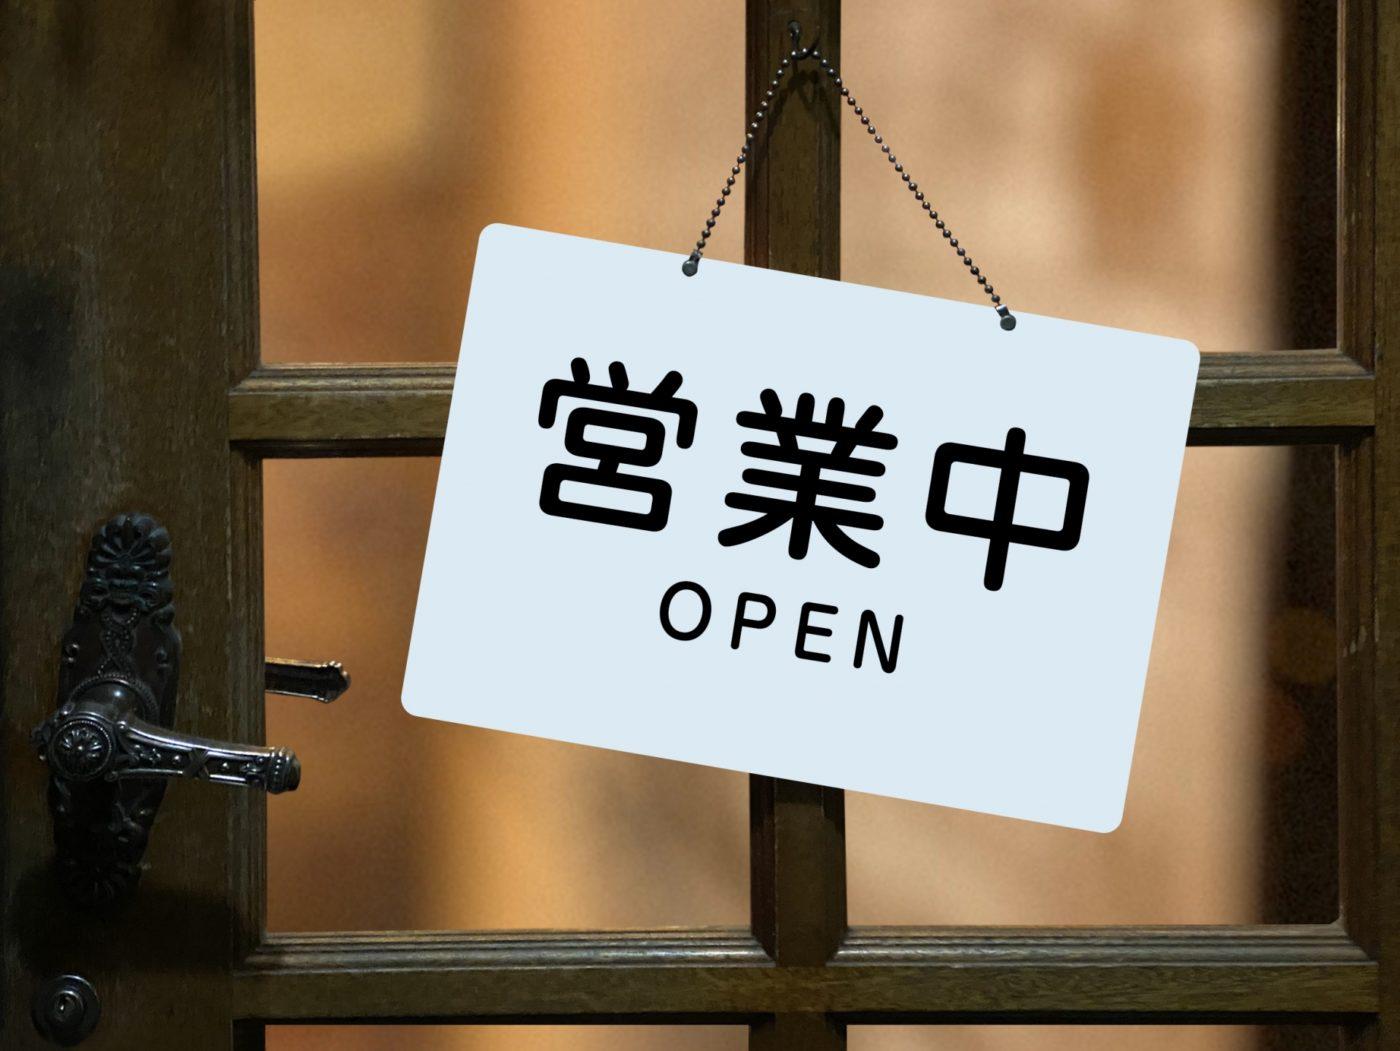 ヘアースタジオIWASAKI美容室の営業時間は?